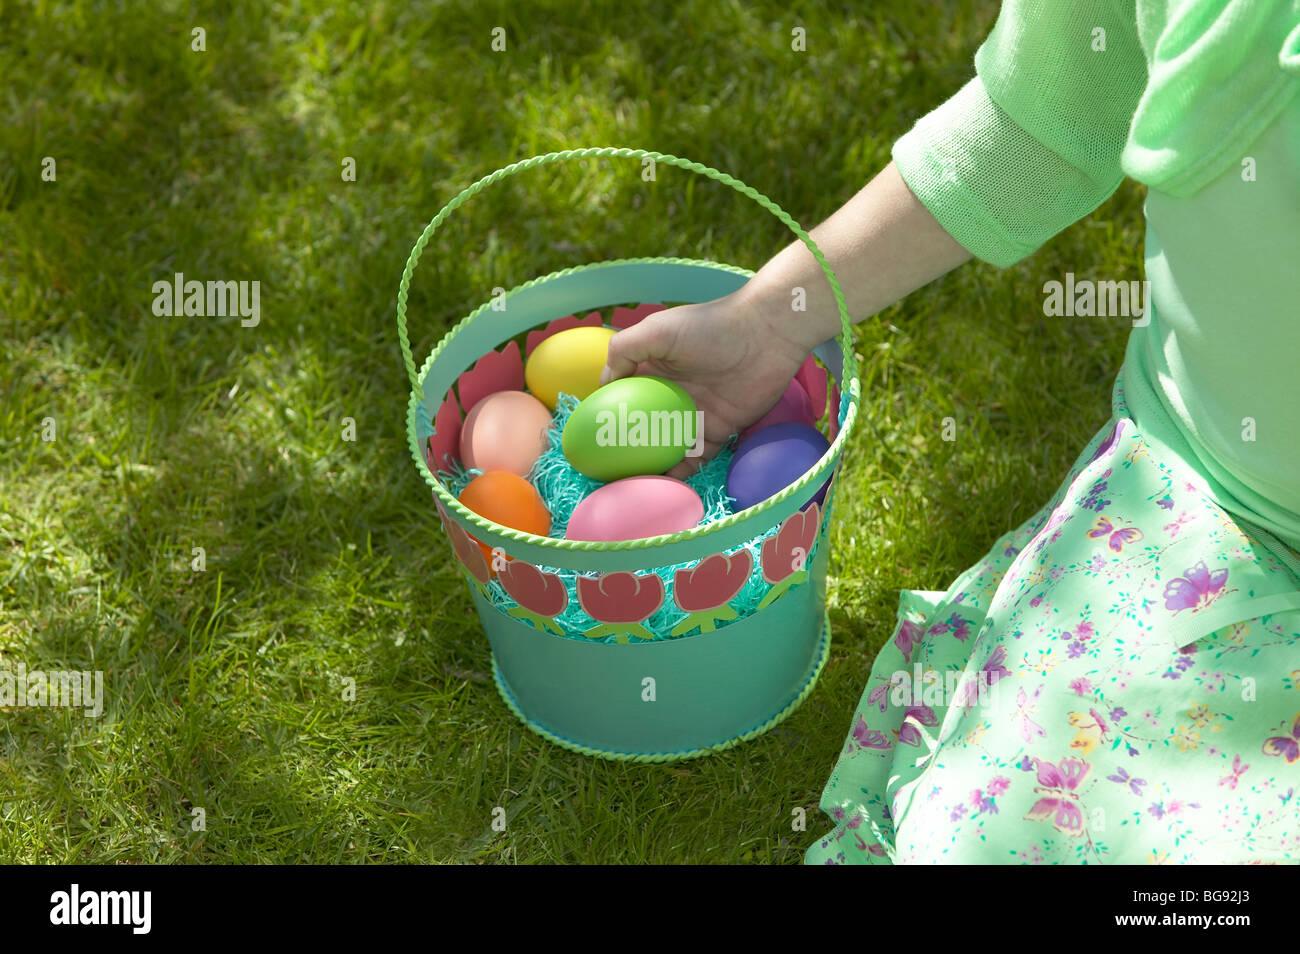 Girl holding easter egg dans panier tout en étant assis sur la pelouse Photo Stock